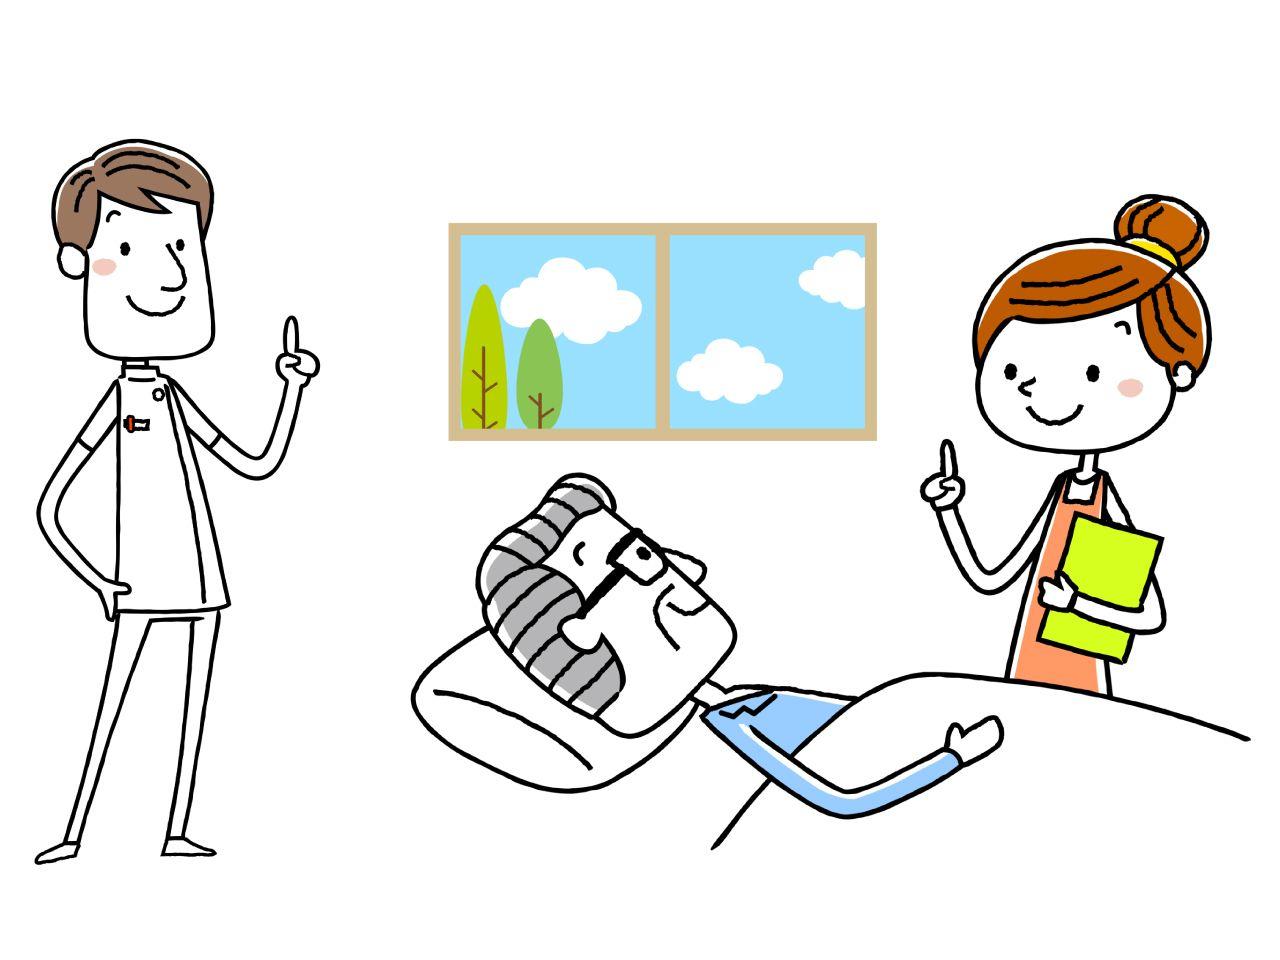 重度訪問介護従業者の仕事内容・資格の取得ルートを説明している人のイメージイラスト